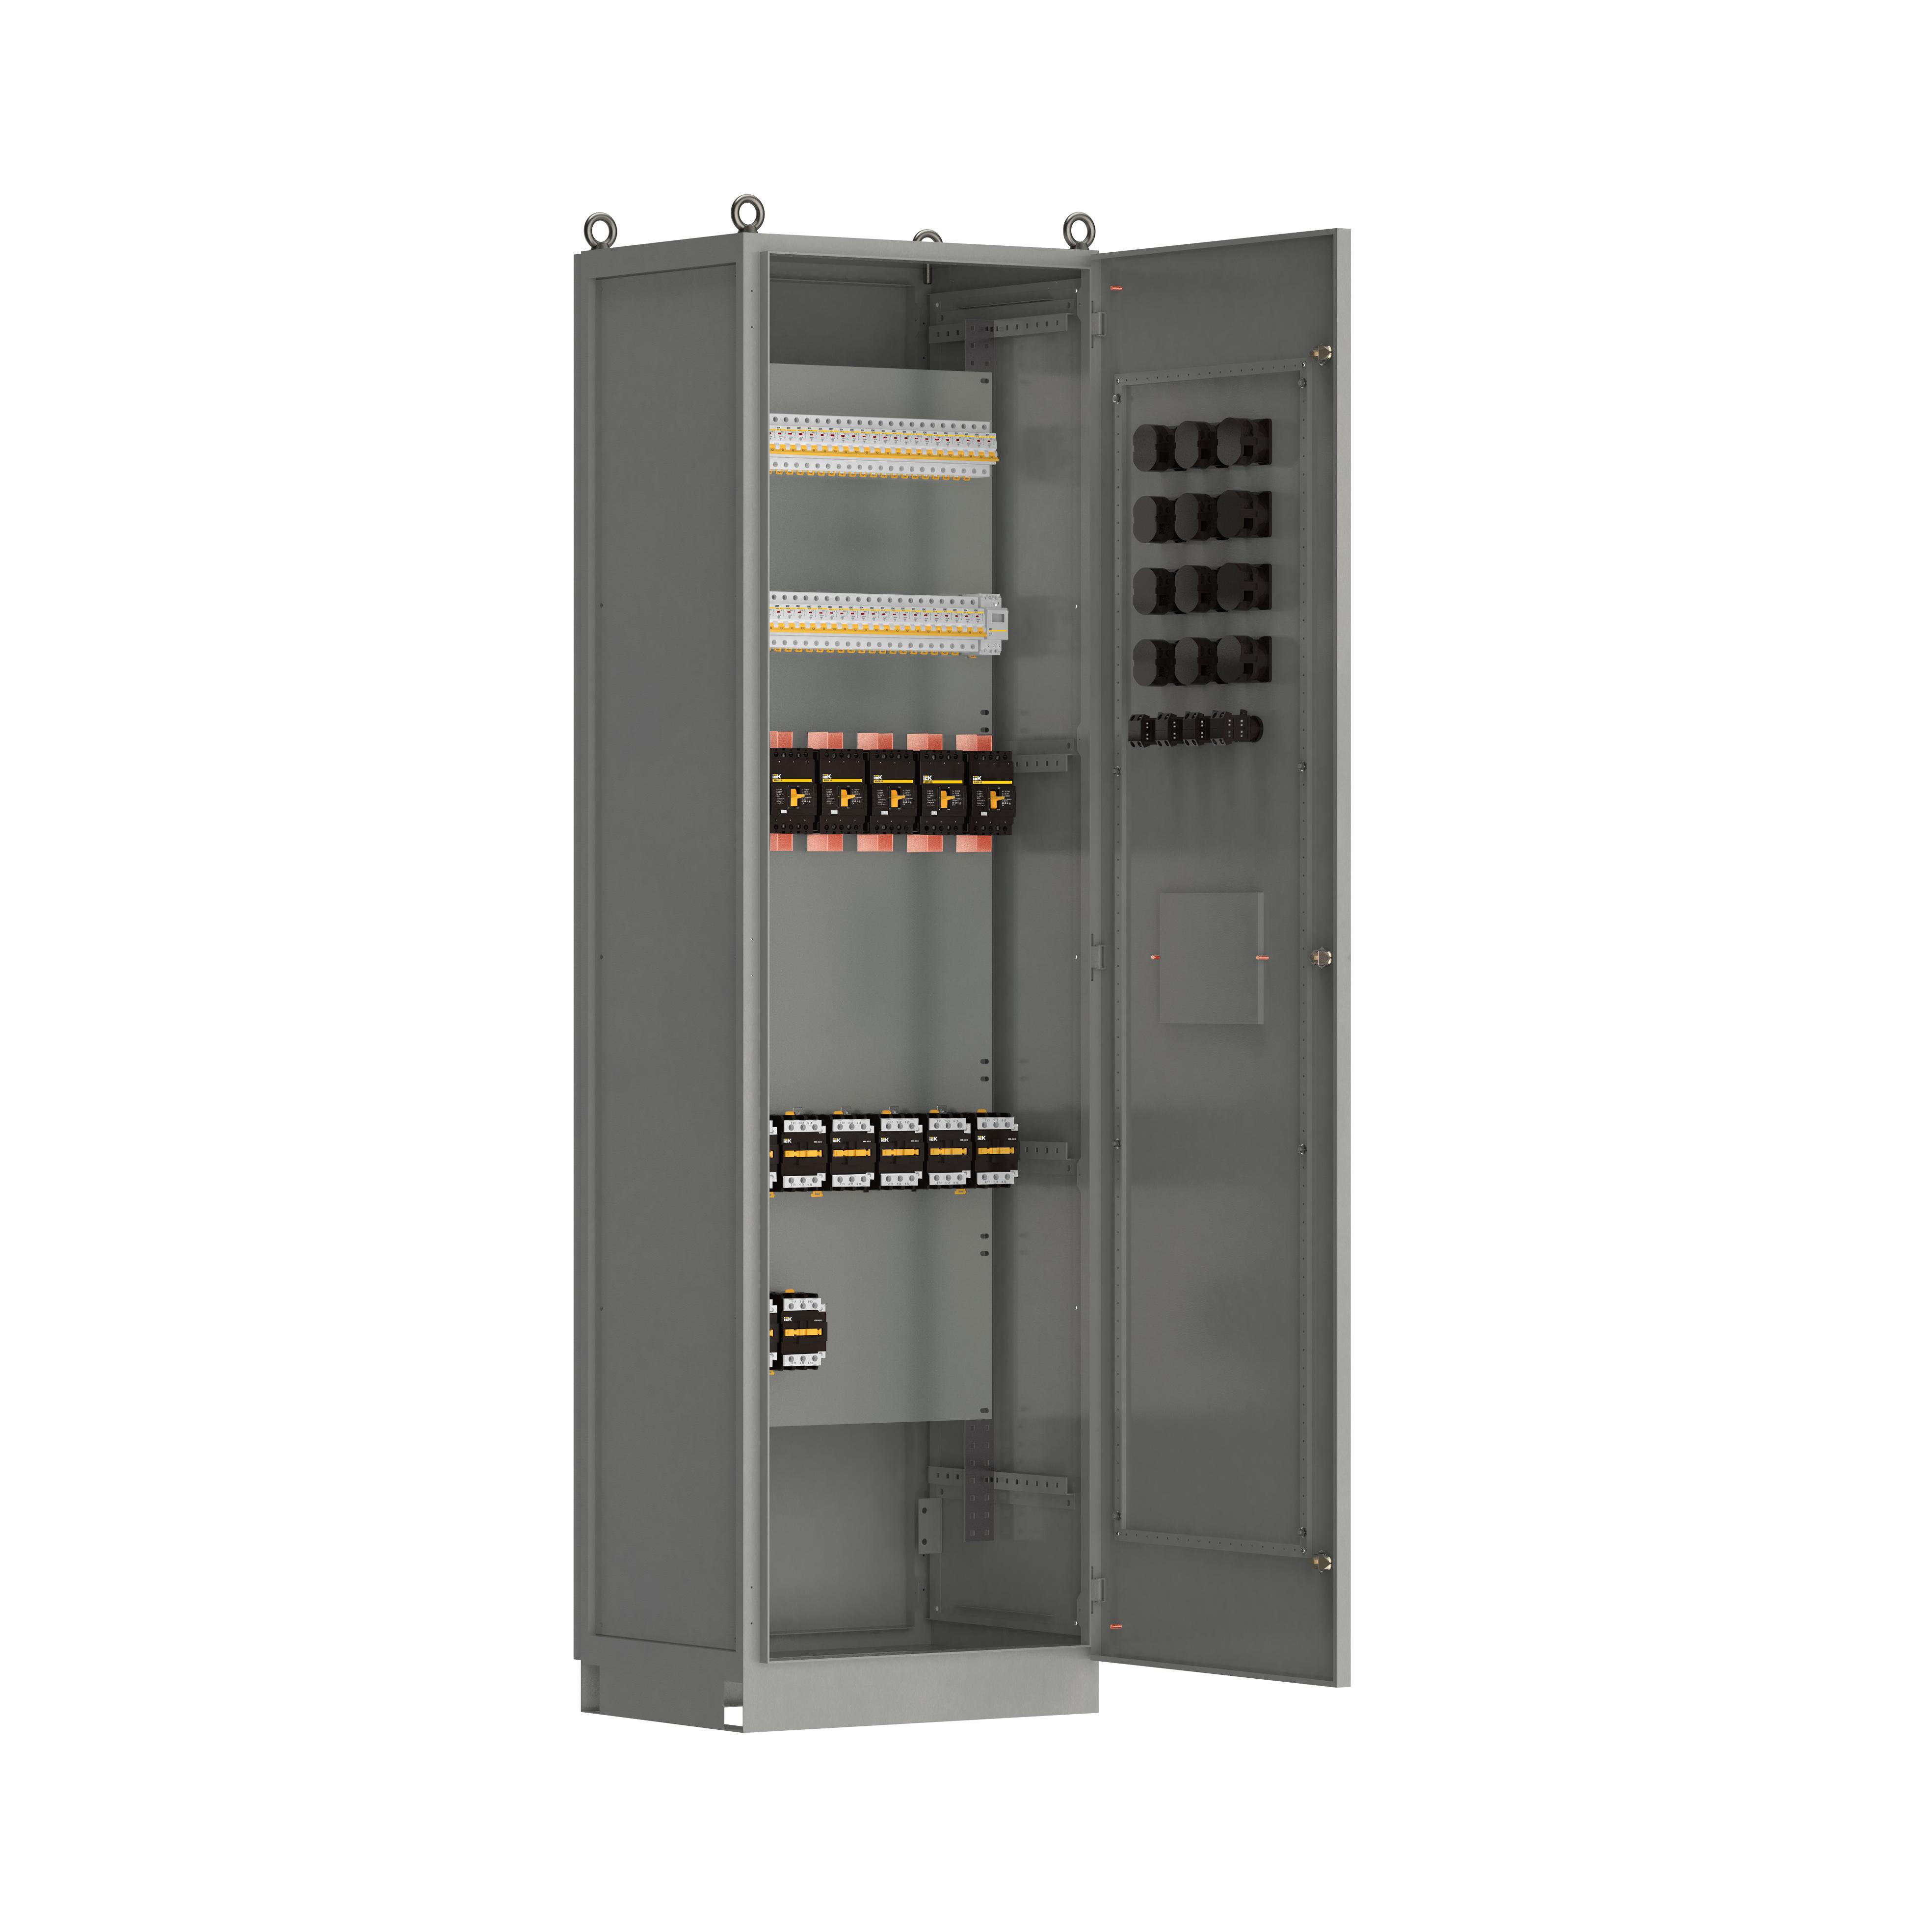 Панель распределительная ВРУ-8505 4Р-110-30 выключатели автоматические 3Р 7х125А 1Р 38х63А контакторы 2х65А IEK